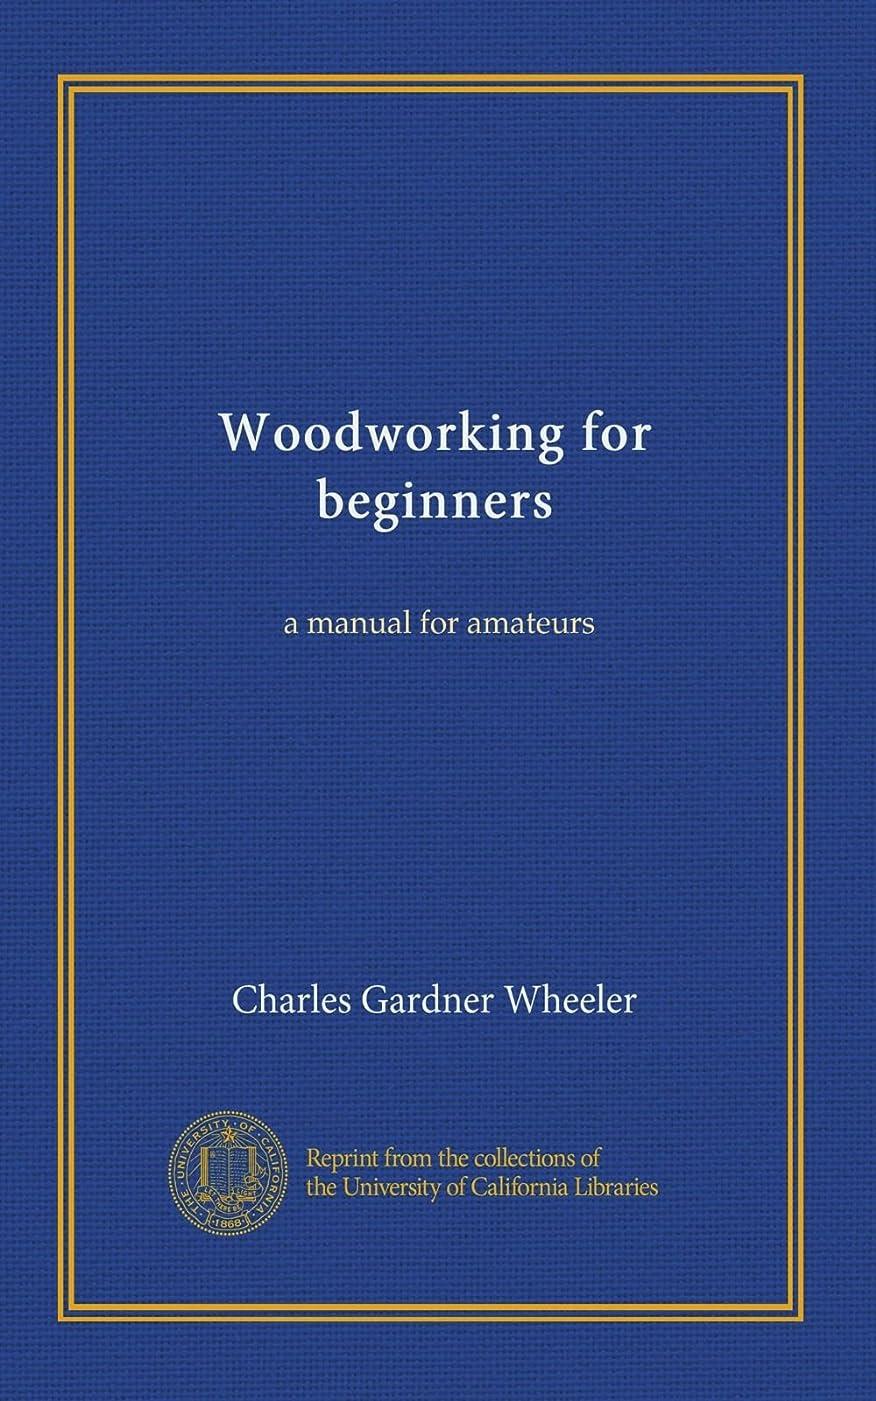 無駄にニッケル公平なWoodworking for beginners: a manual for amateurs